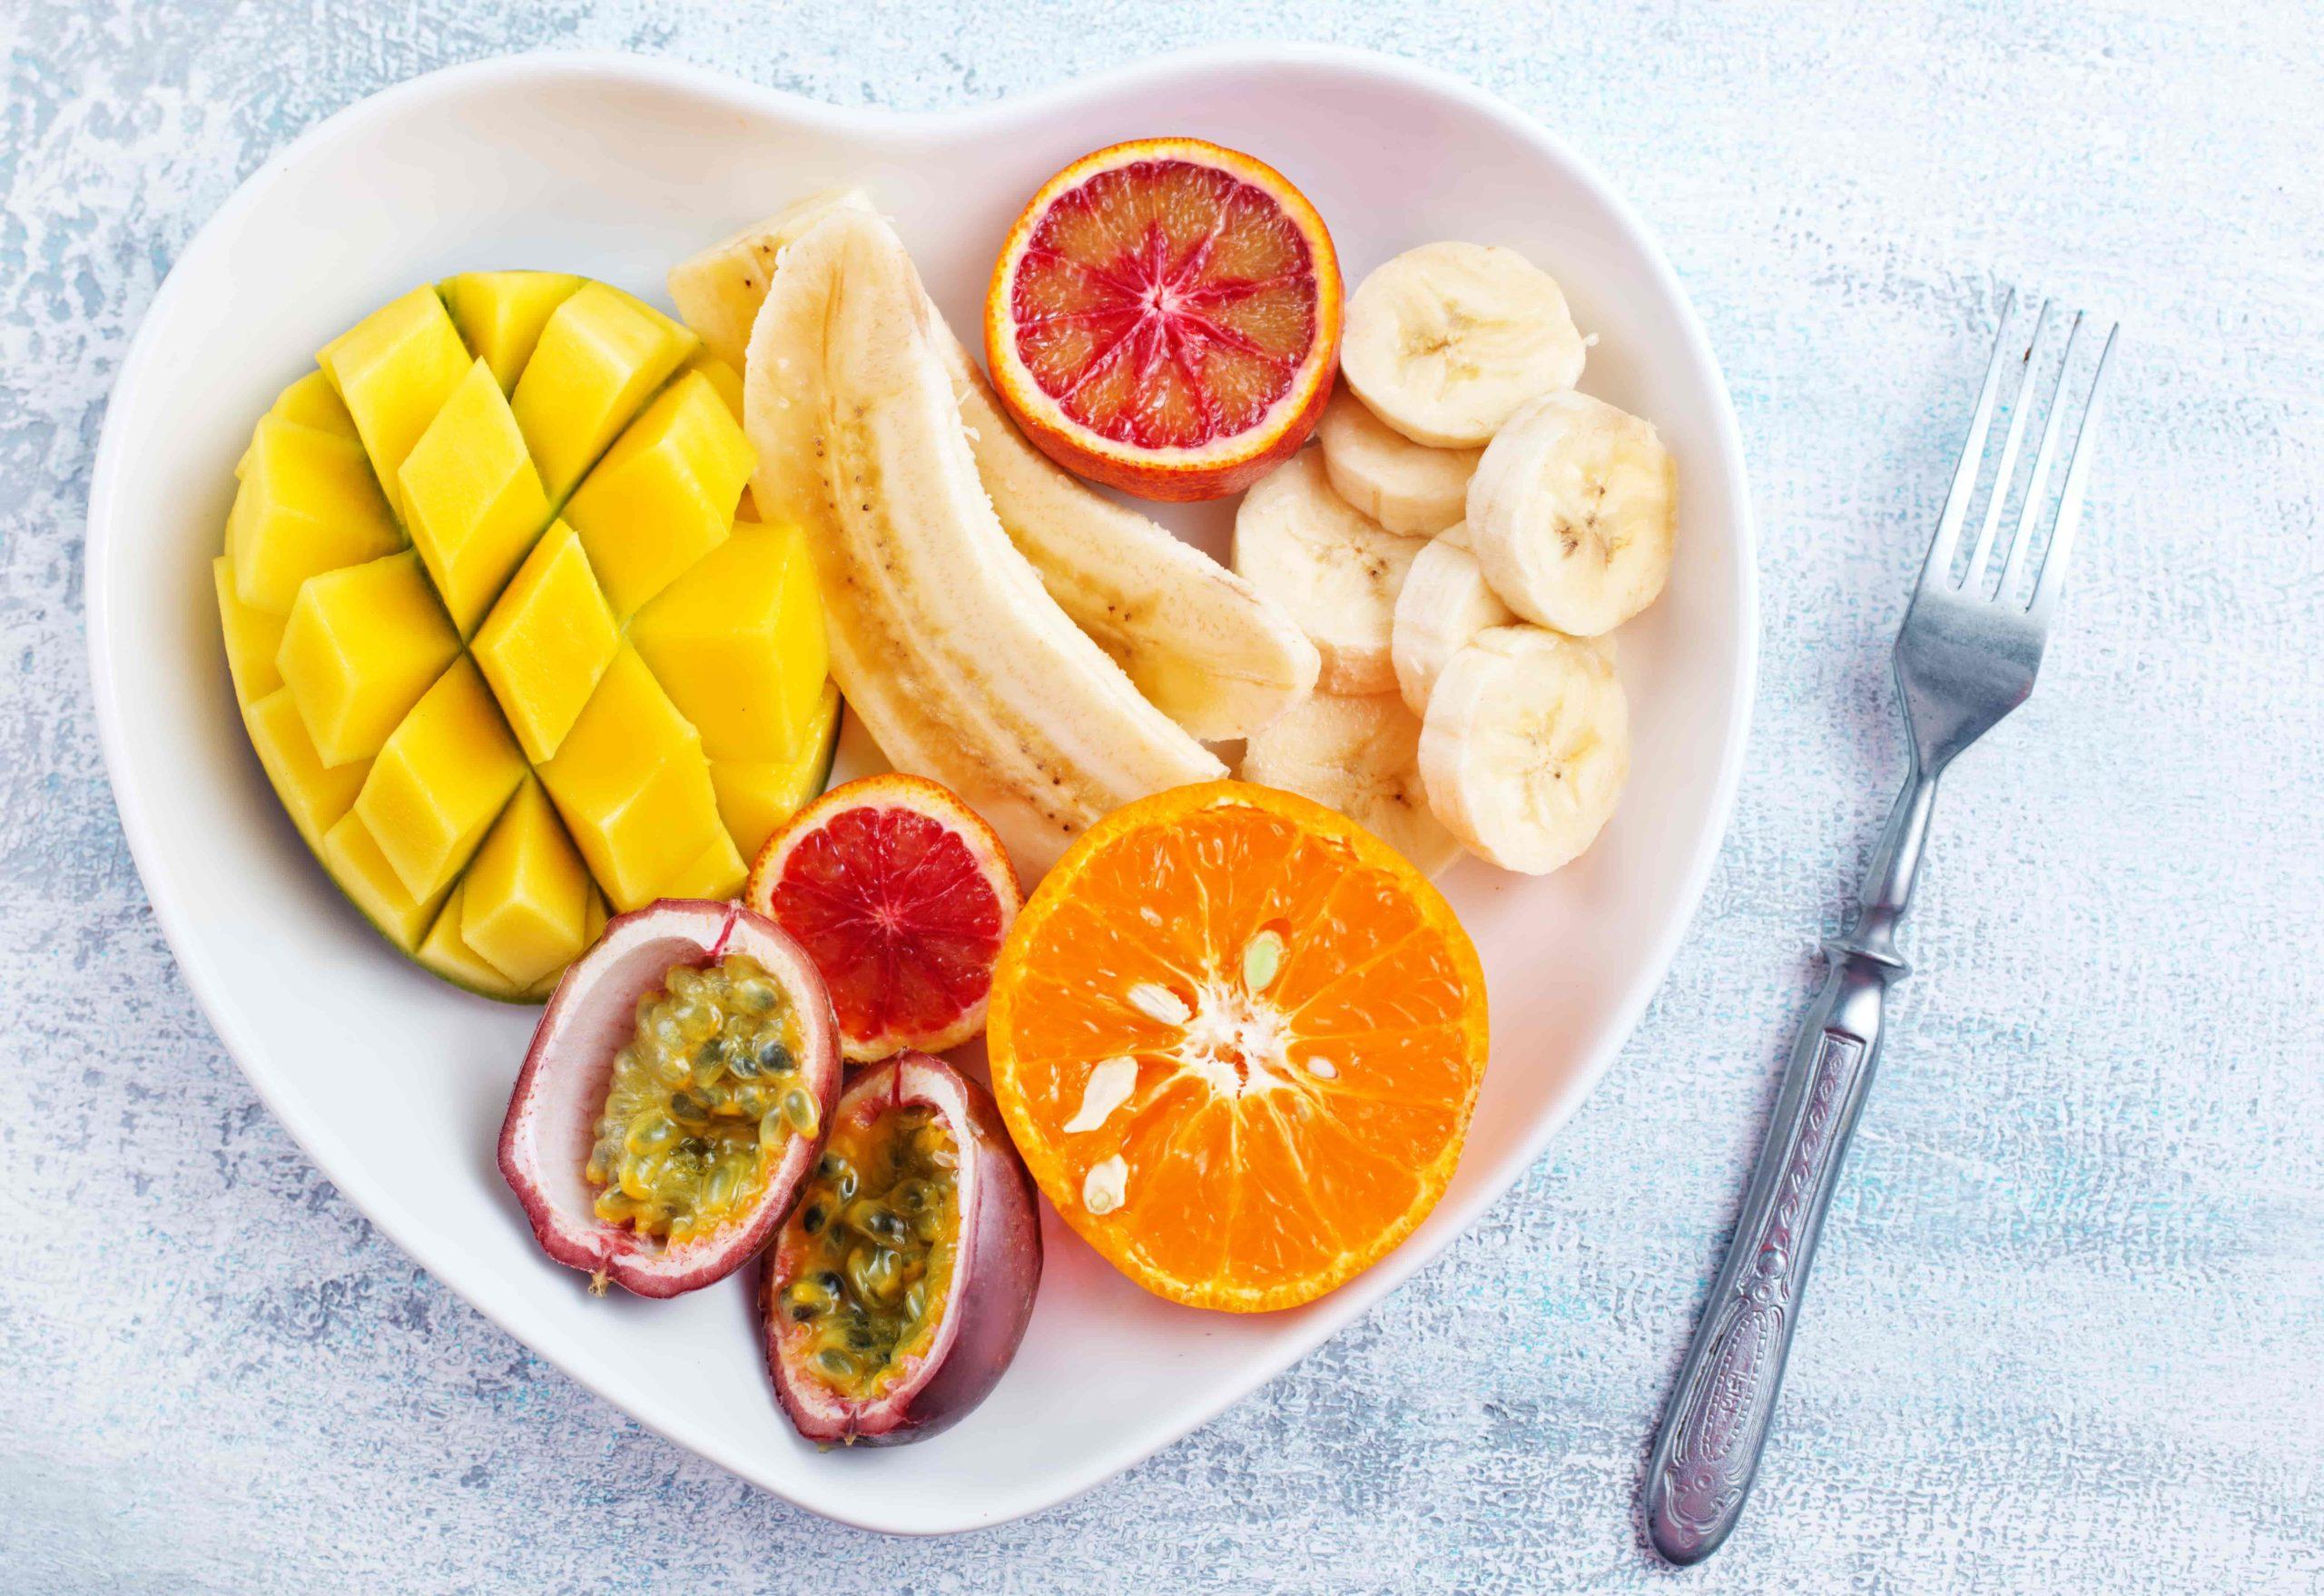 Какие фрукты можно есть при похудении. Какие из них можно есть вечером